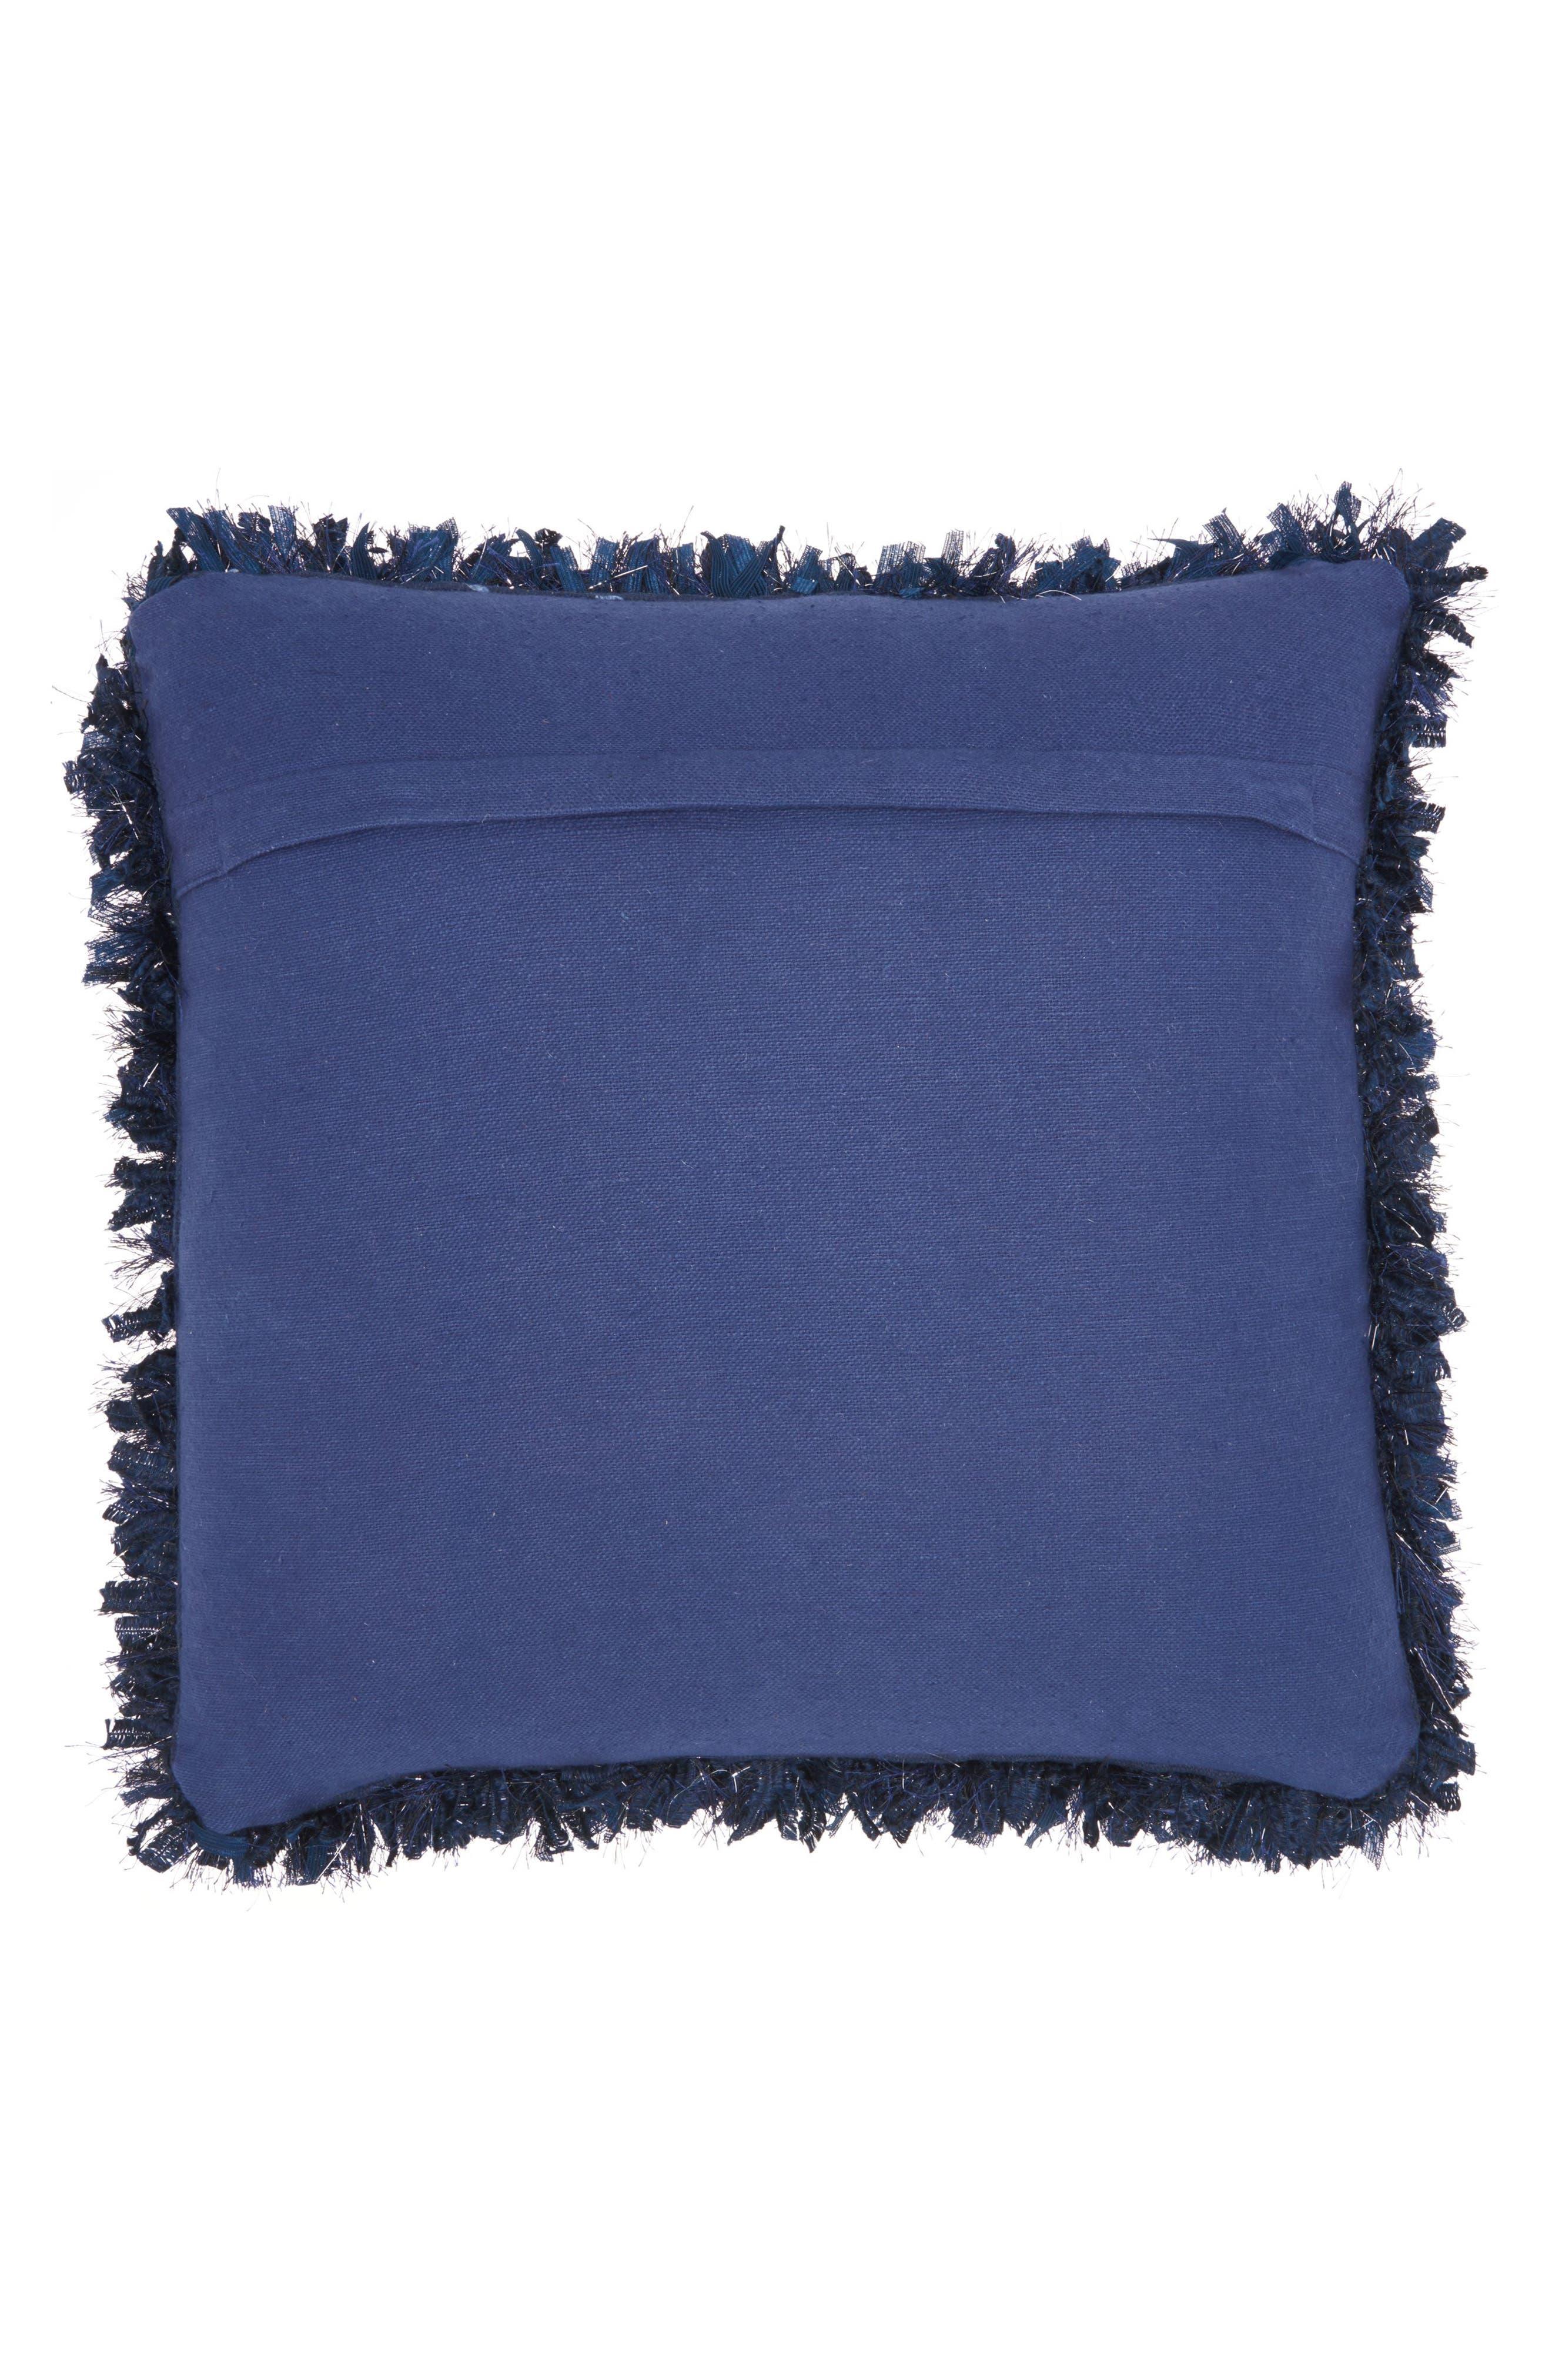 'Shiny' Shag Pillow,                             Alternate thumbnail 2, color,                             400